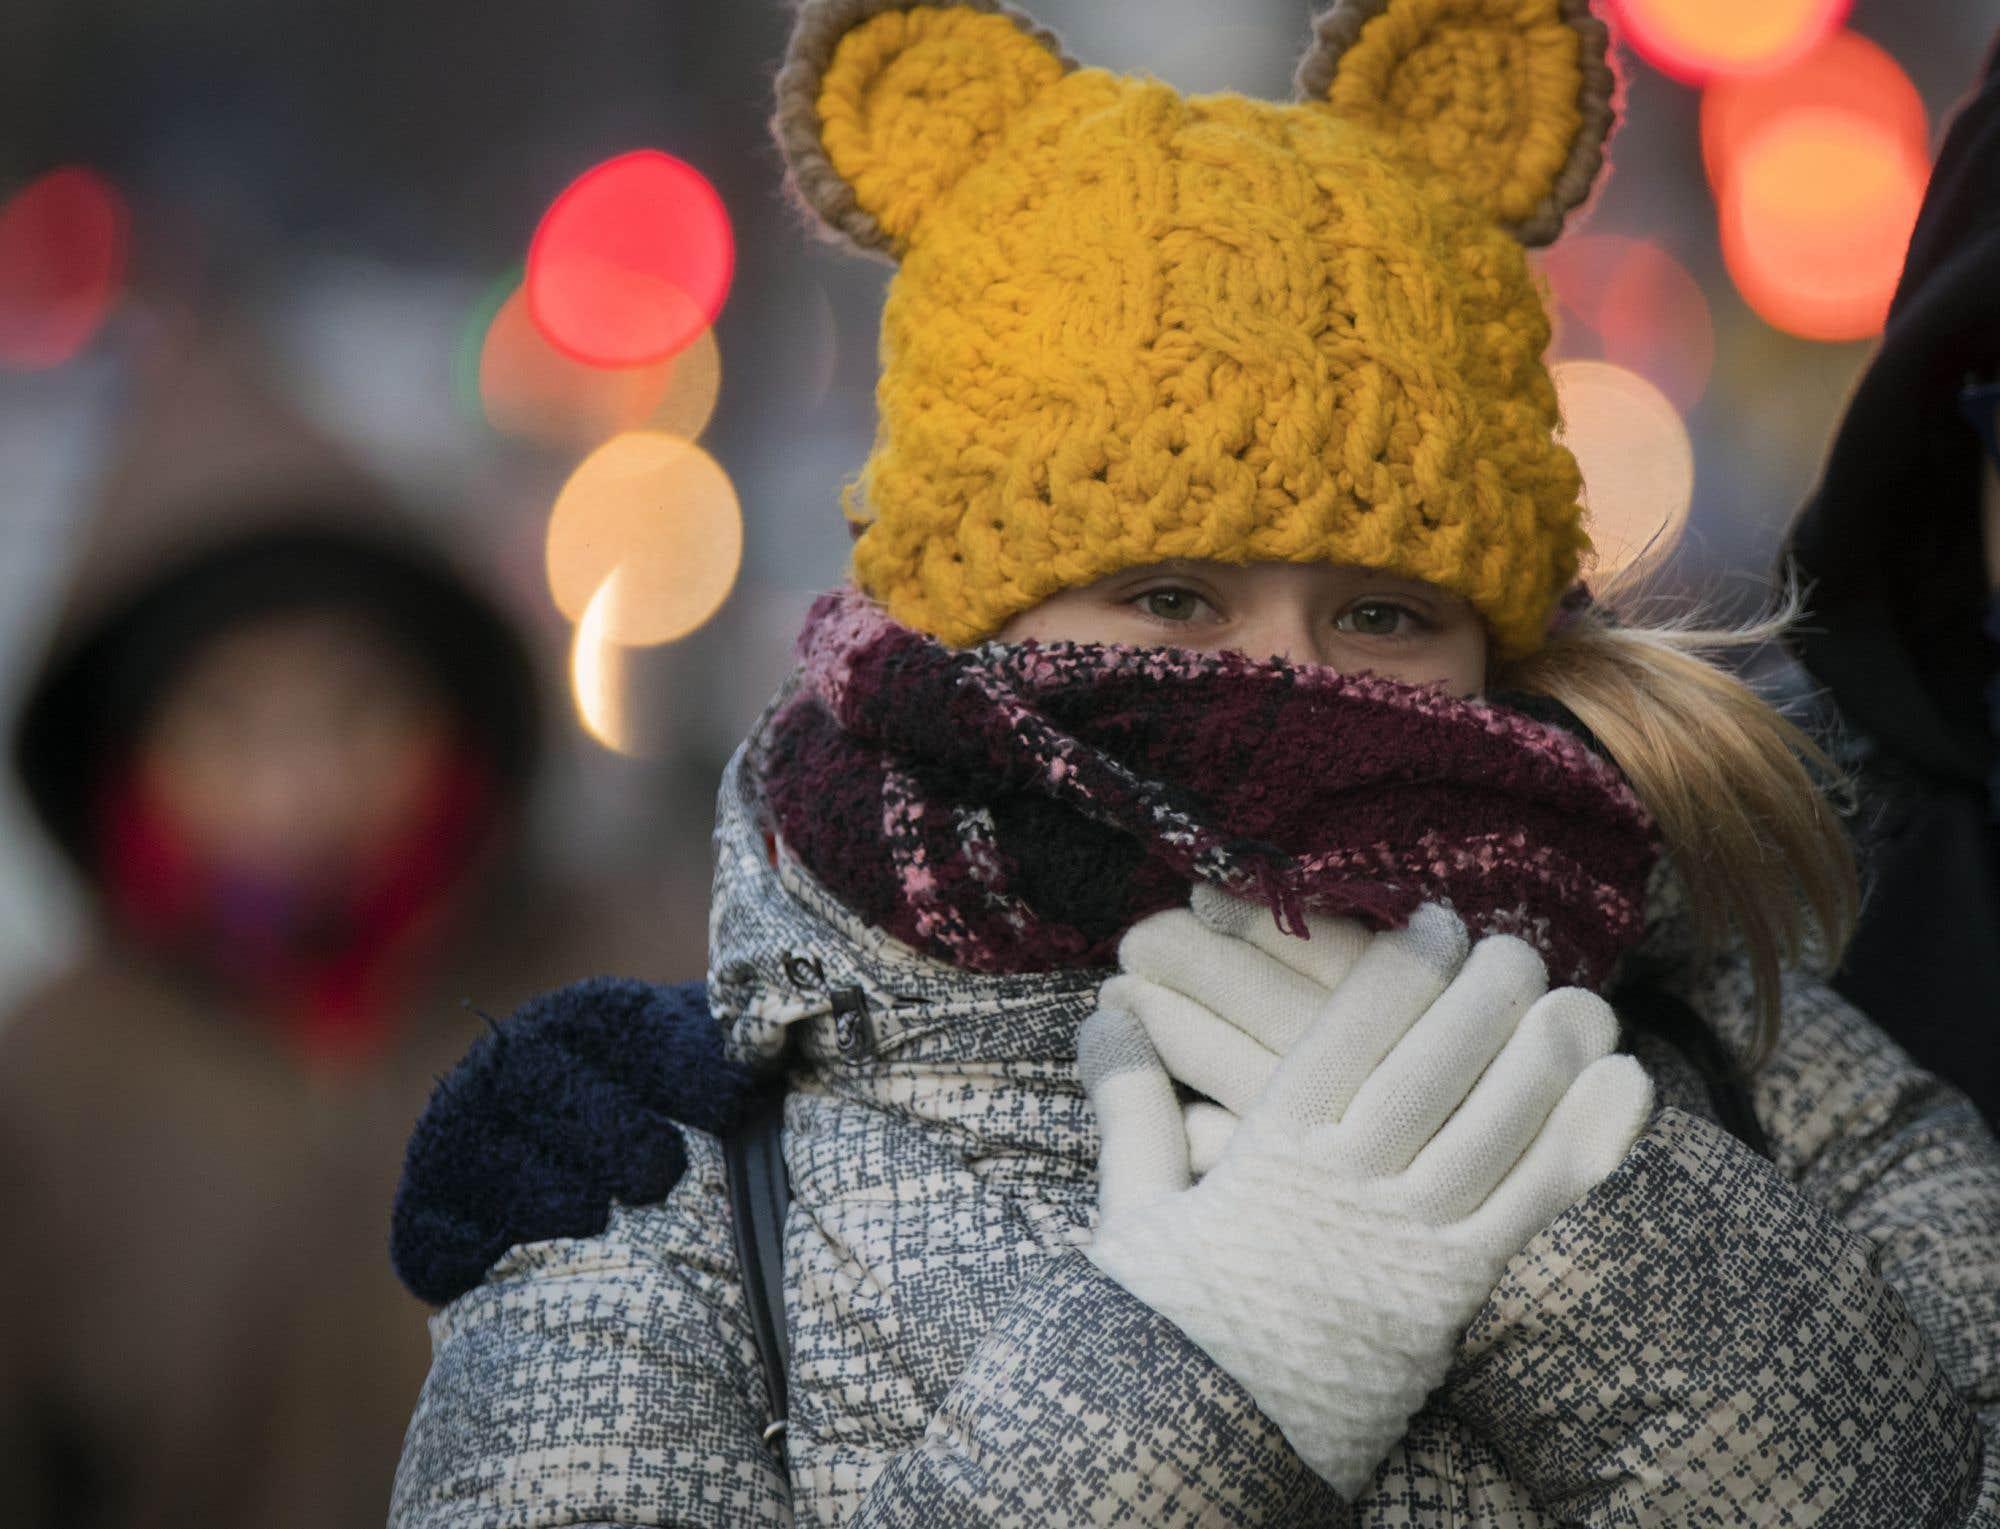 L'hiver s'est abattu sur l'ensemble du Québec plus tôt que prévu cette année. Des records de froid ont été enregistrés vendredi alors que le mercure est descendu bien en dessous du point de congélation. Il faisait -8°C à Montréal en matinée. En Abitibi, la température avoisinait plutôt -18°C, et on a enregistré -11°C en Outaouais. Mais ce n'est qu'un bref avant-goût de l'hiver, qui devrait laisser place à un retour aux températures de saison dès la semaine prochaine, soit environ 5°C, selon Environnement Canada.